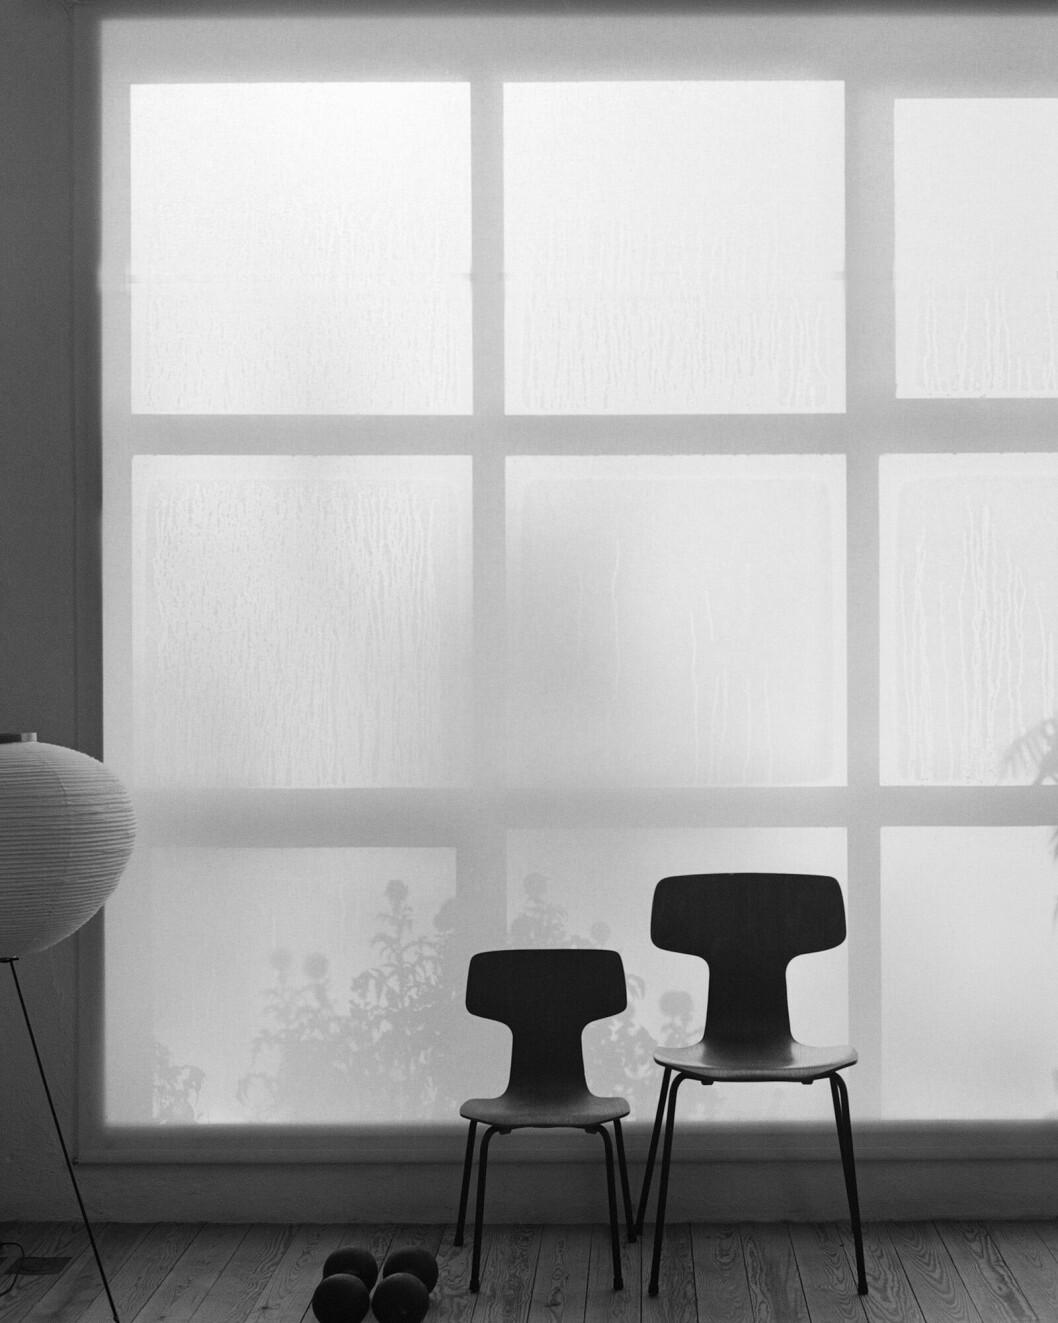 Stolar Arne Jacobsen, lampa av Isamu Noguchi för Vitra.